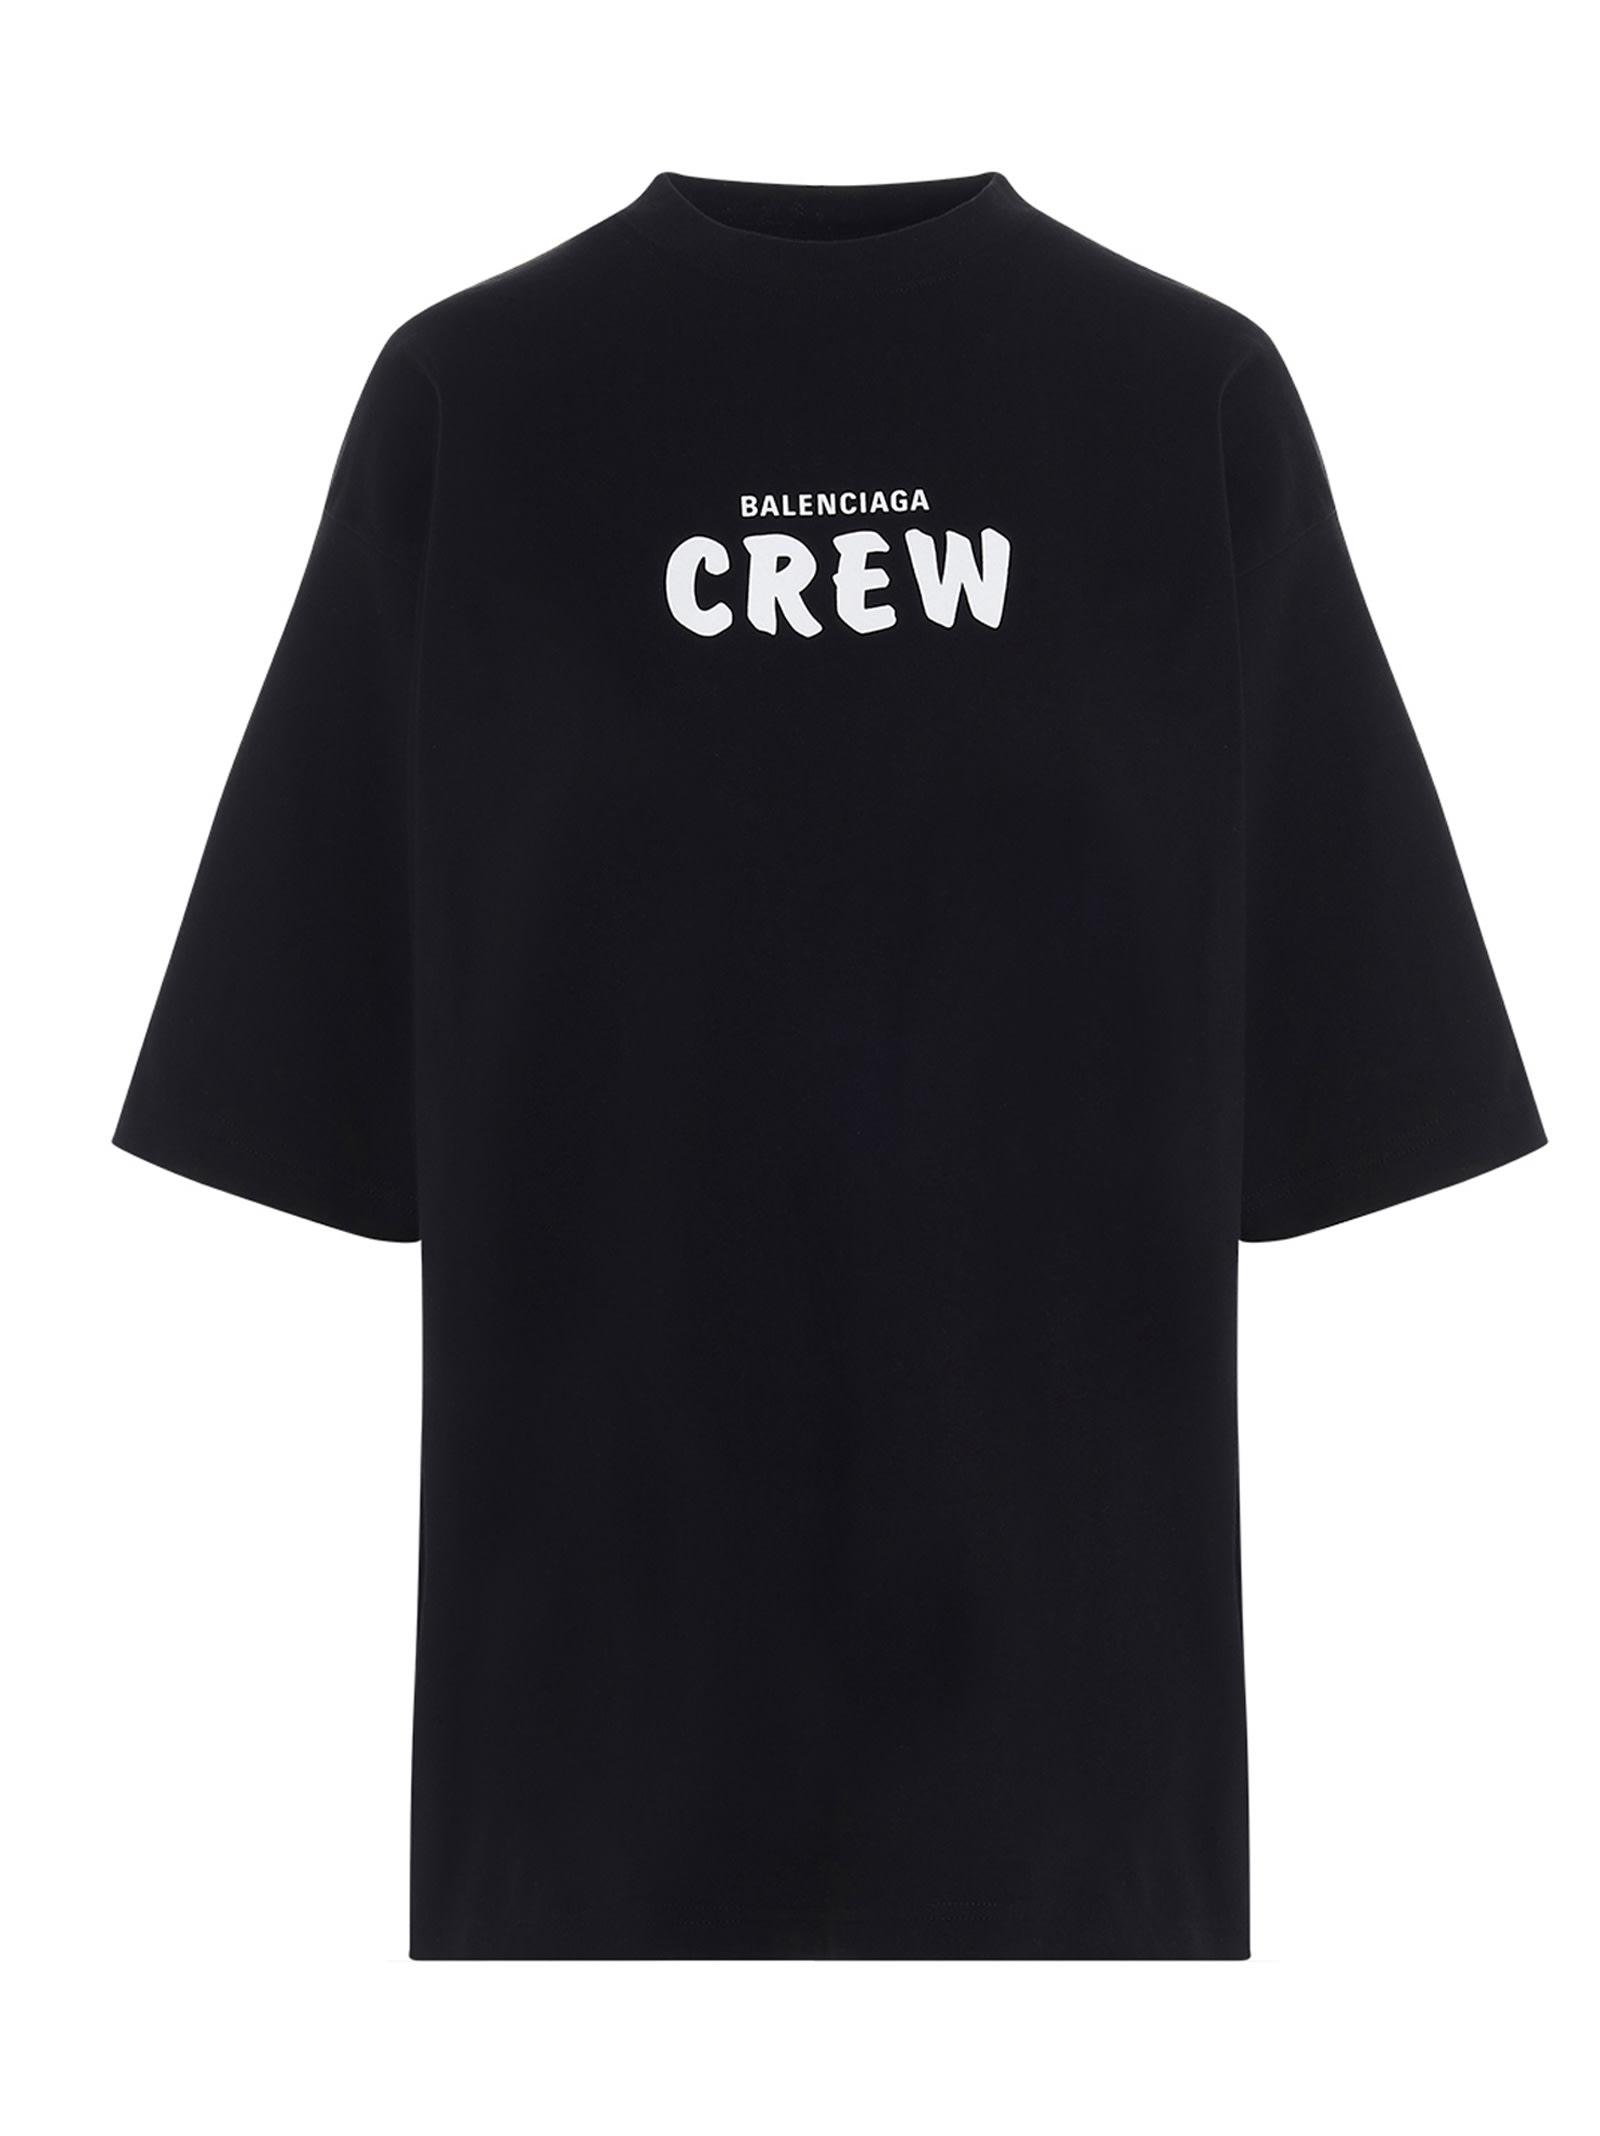 BALENCIAGA CREW T-SHIRT